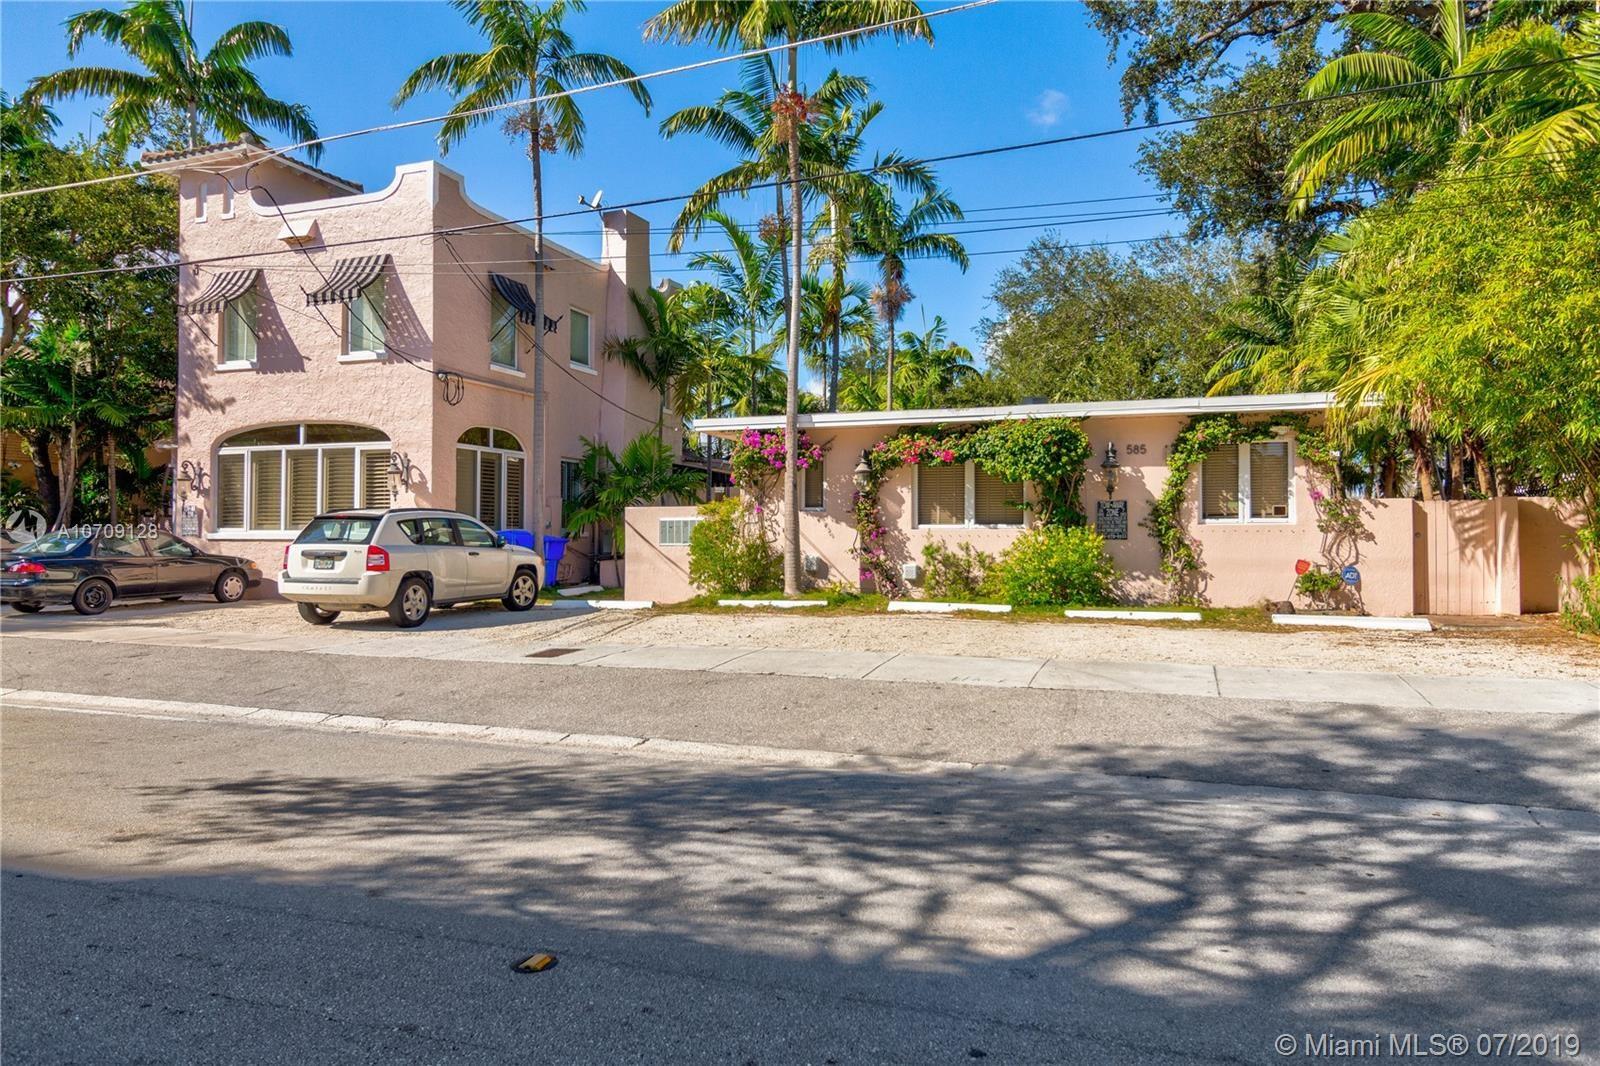 575 NE 66th St, Miami, FL 33138